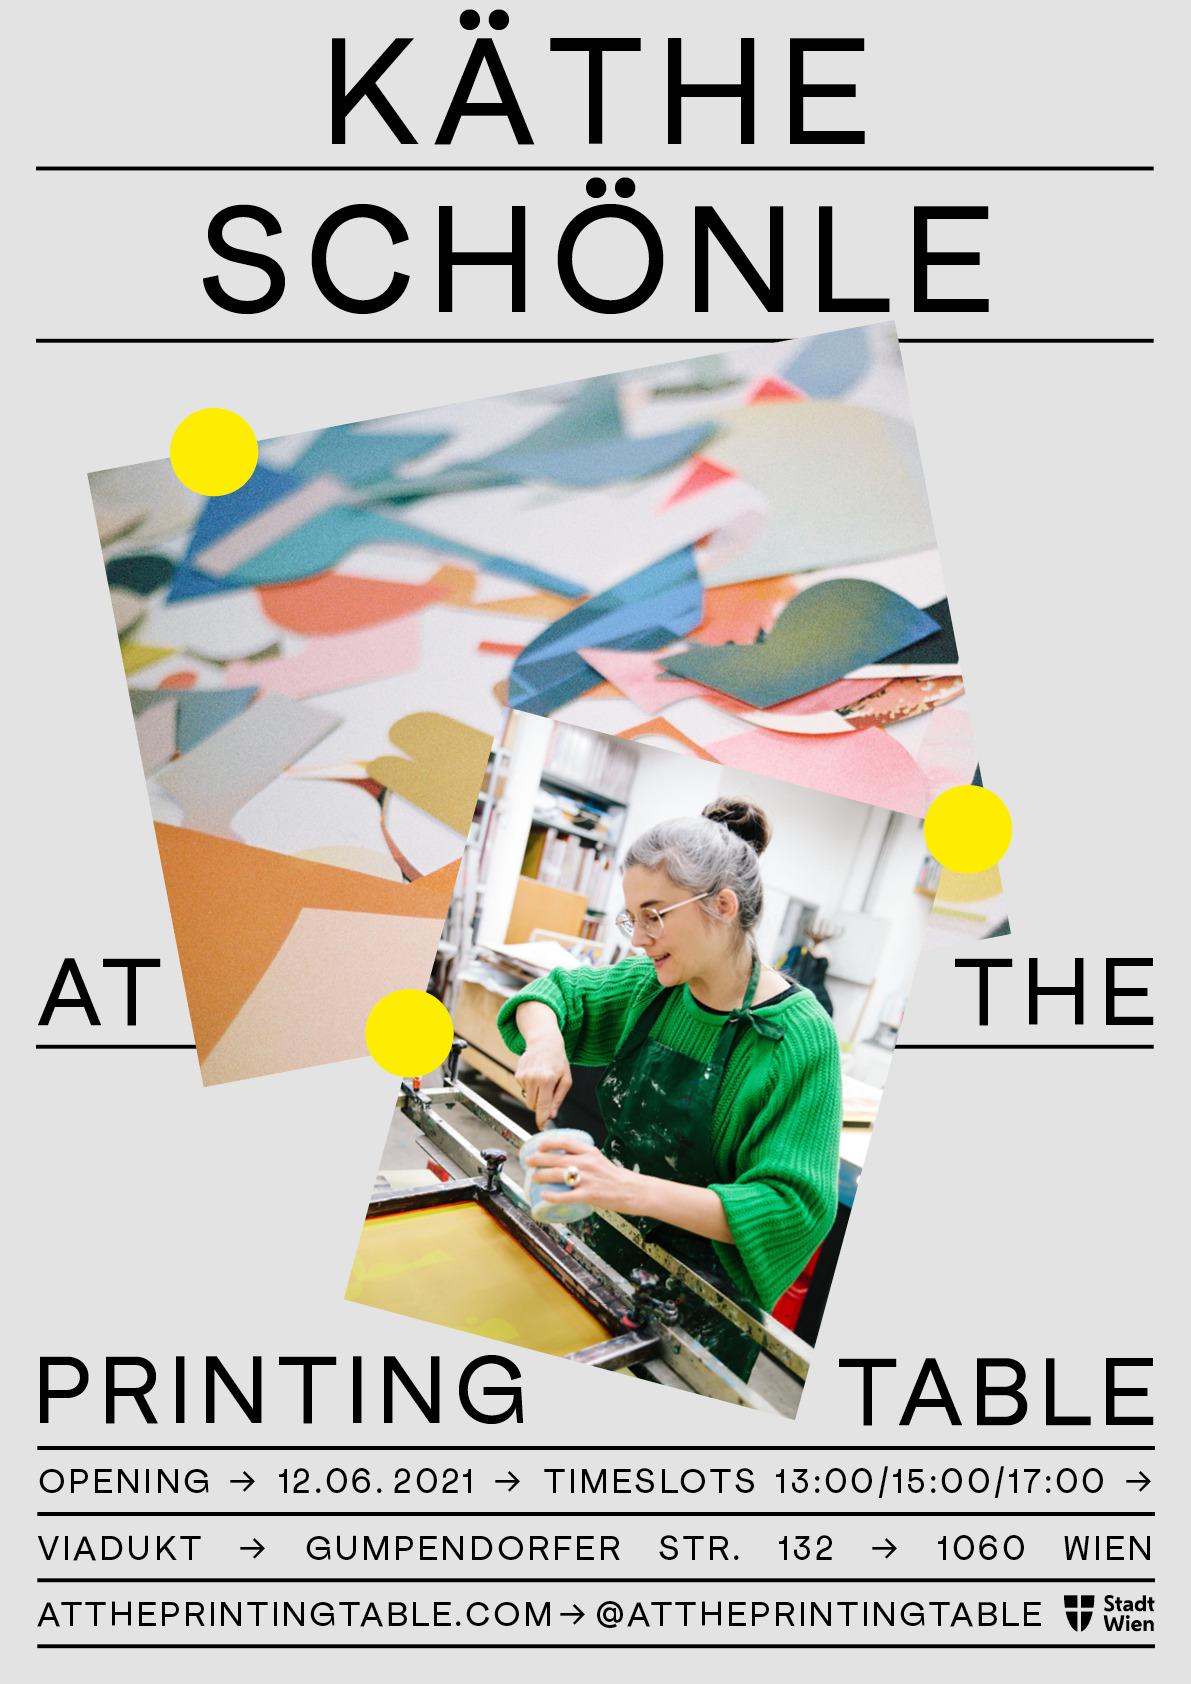 Eröffnung: Käthe Schönle At The Printing Table